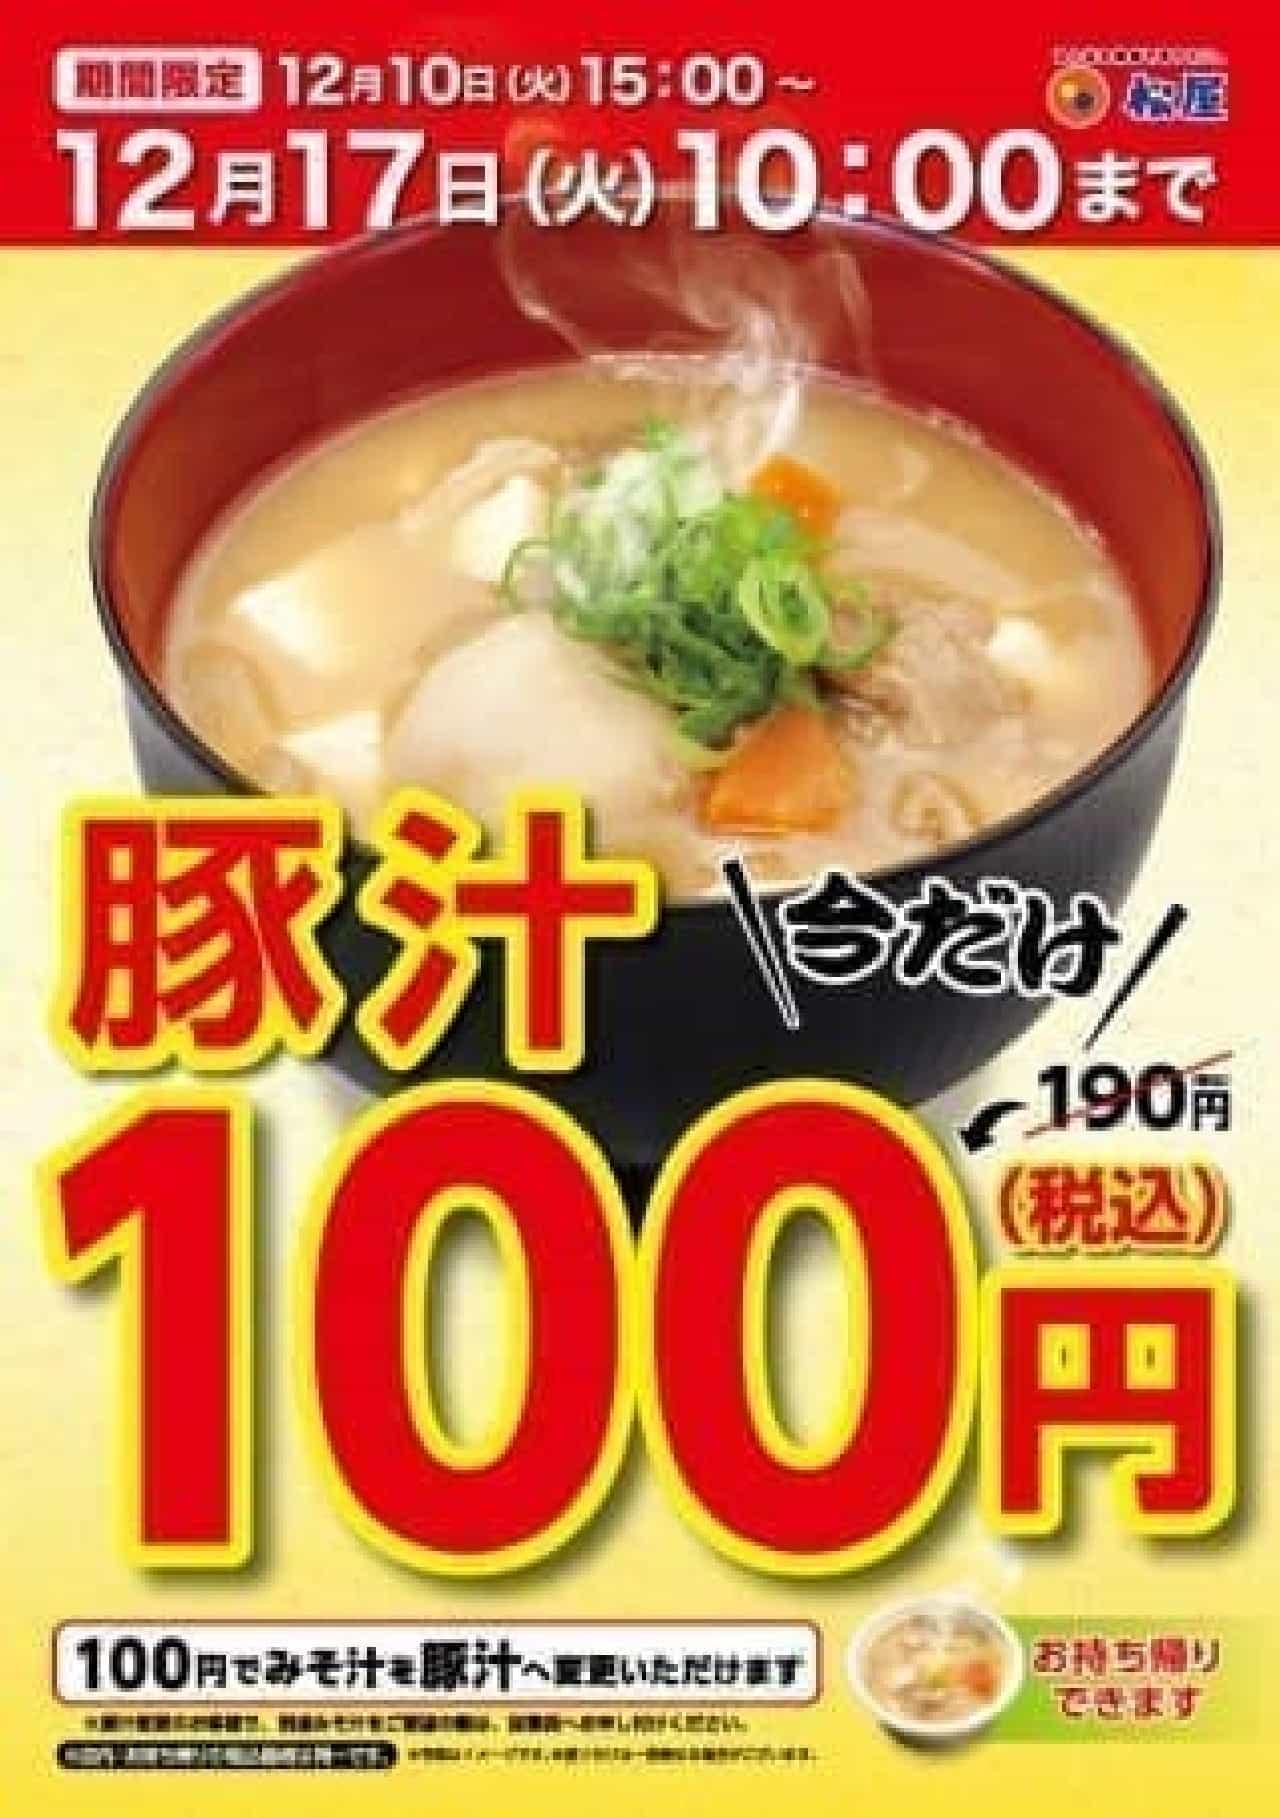 松屋豚汁100円フェア